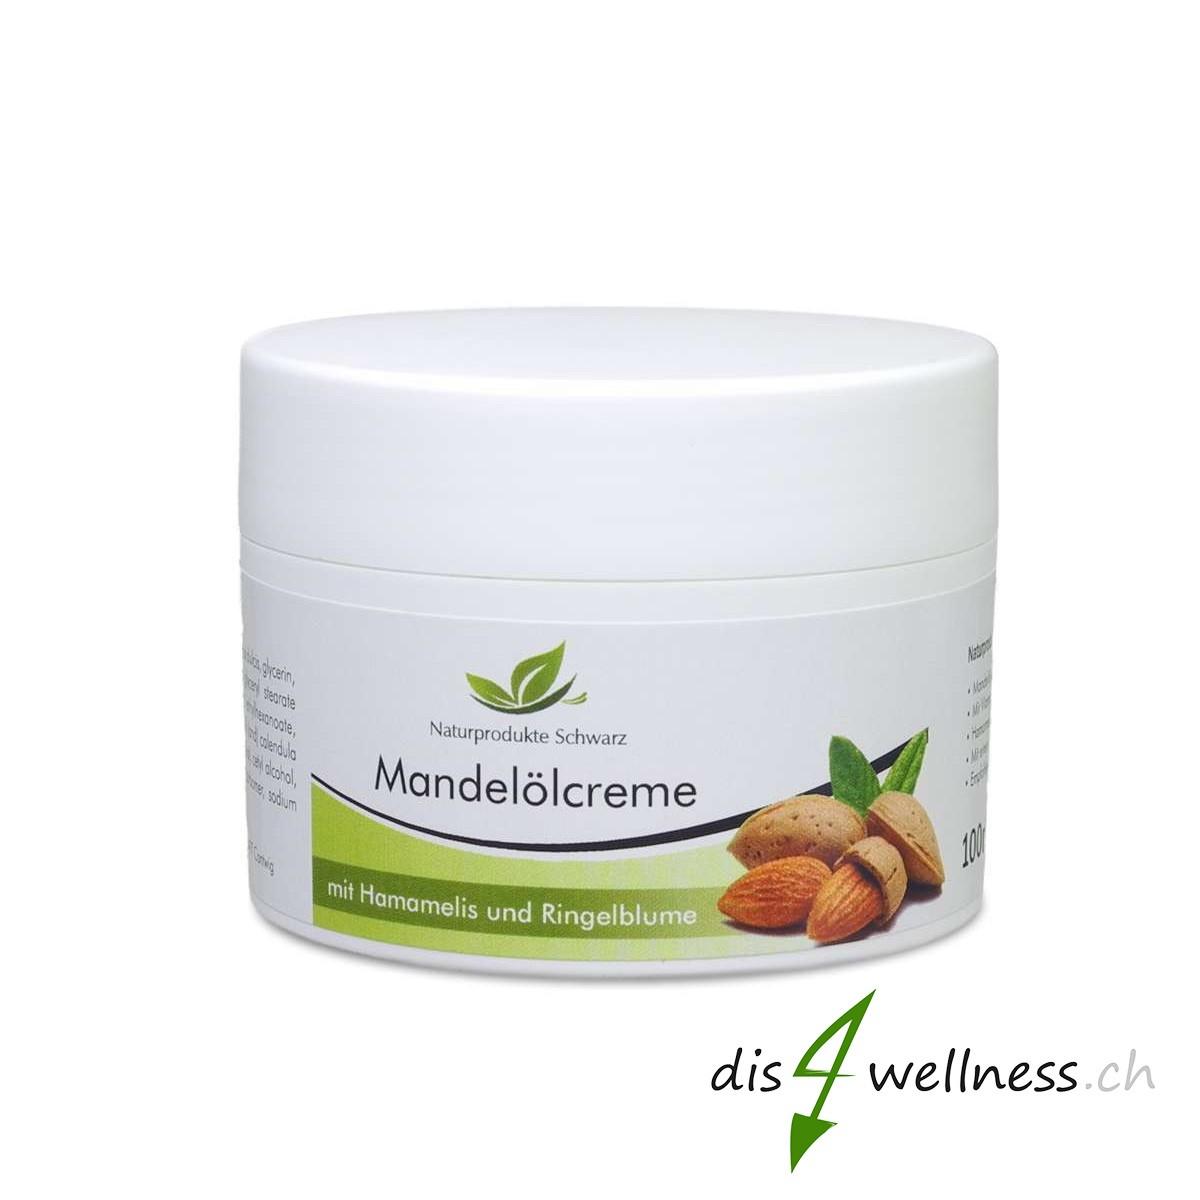 Mandelölcreme - Hautpflege für jeden Hauttyp